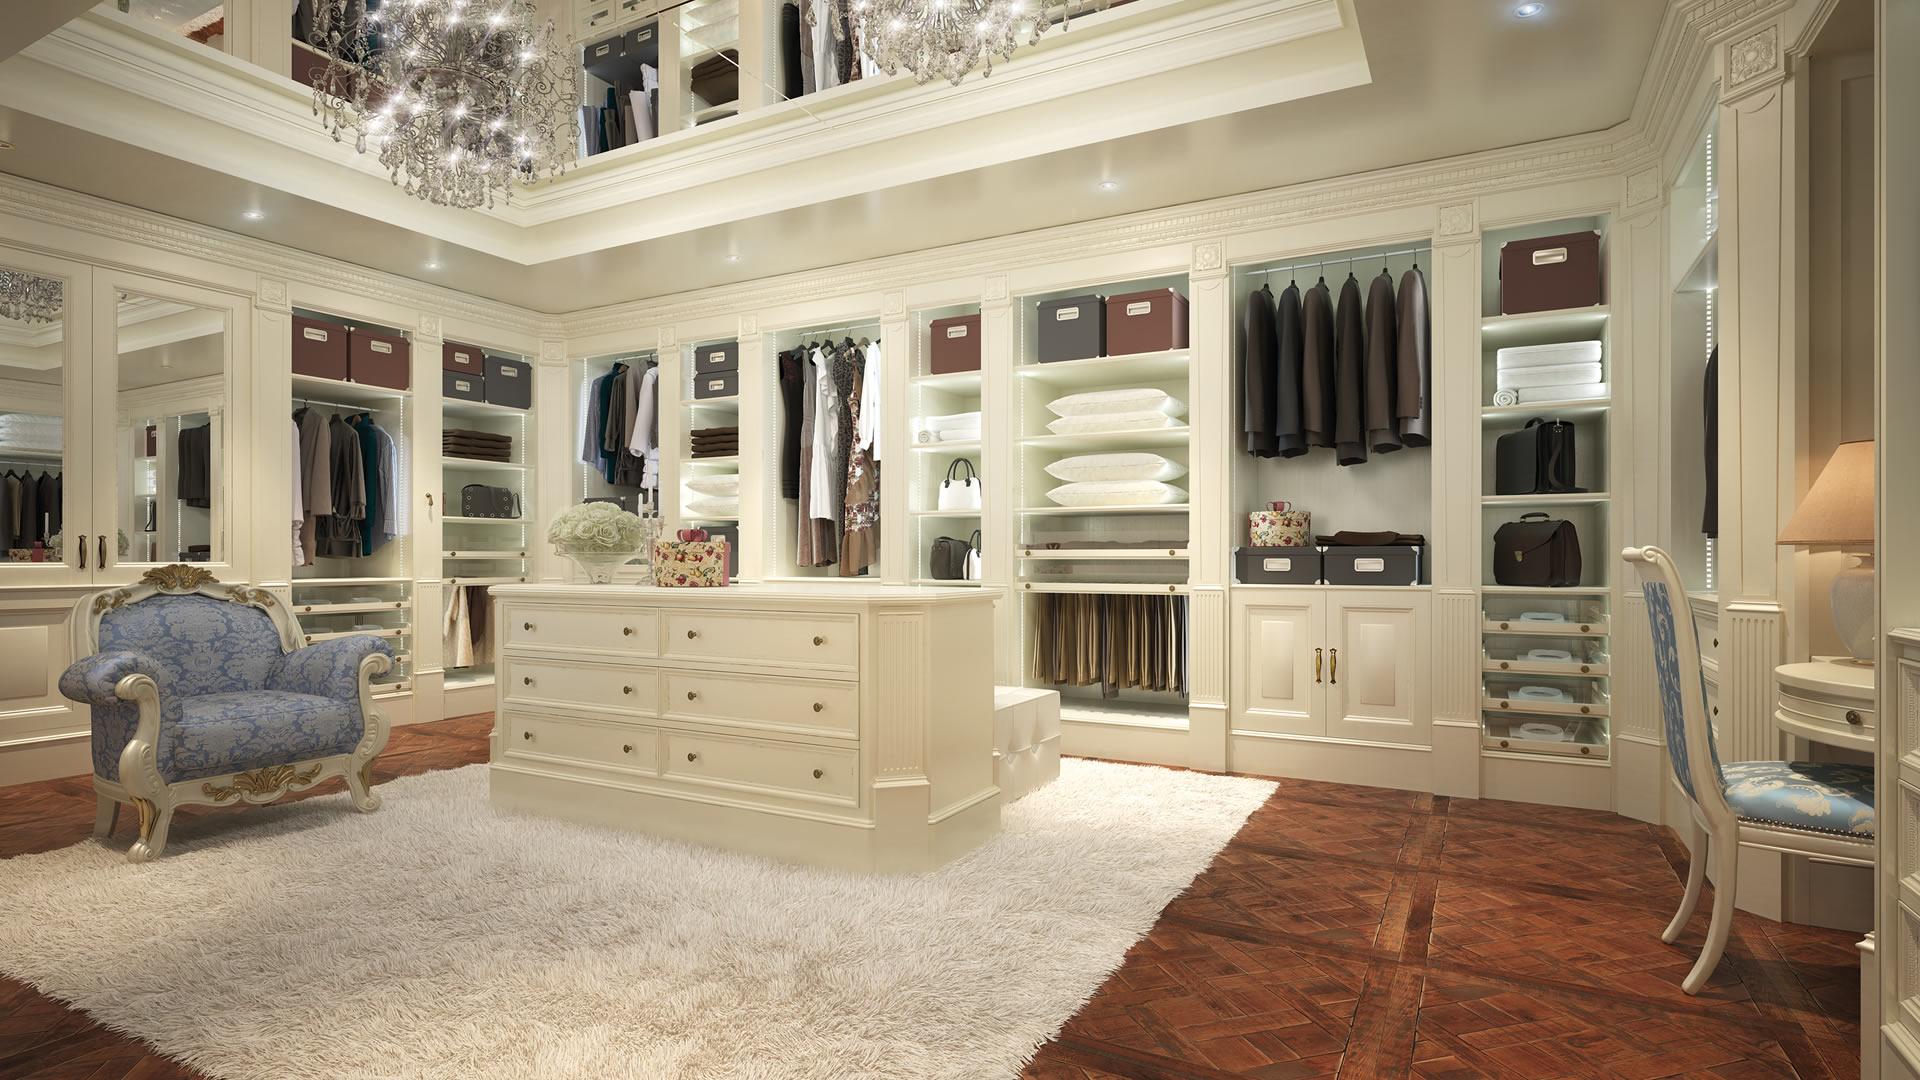 Cabina armadio su misura con mobili laccato bianco in stile classico/moderno